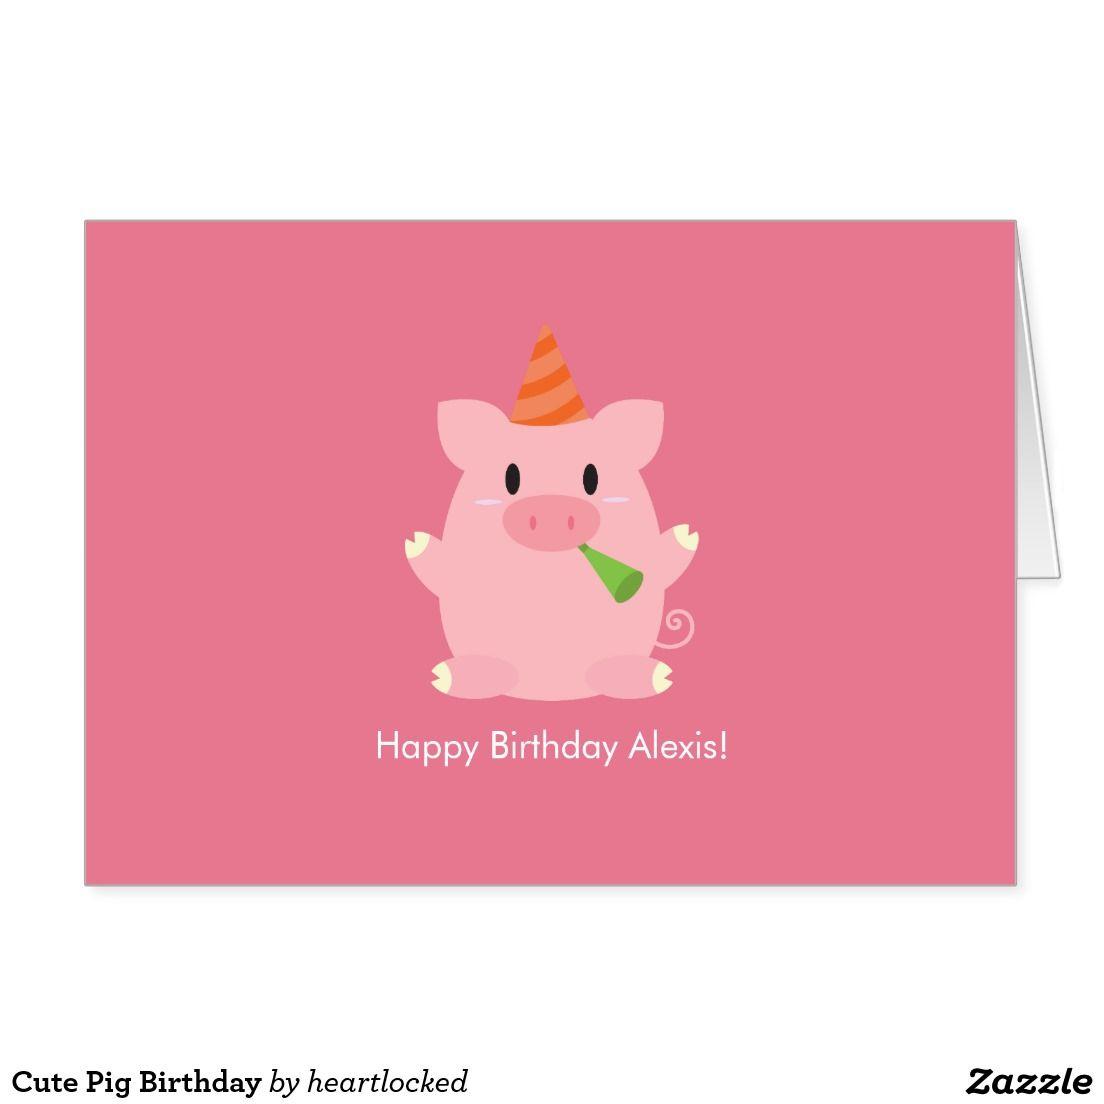 Cute Pig Birthday Thank You Card Zazzle Com Pig Birthday Cute Pigs Birthday Thank You Cards